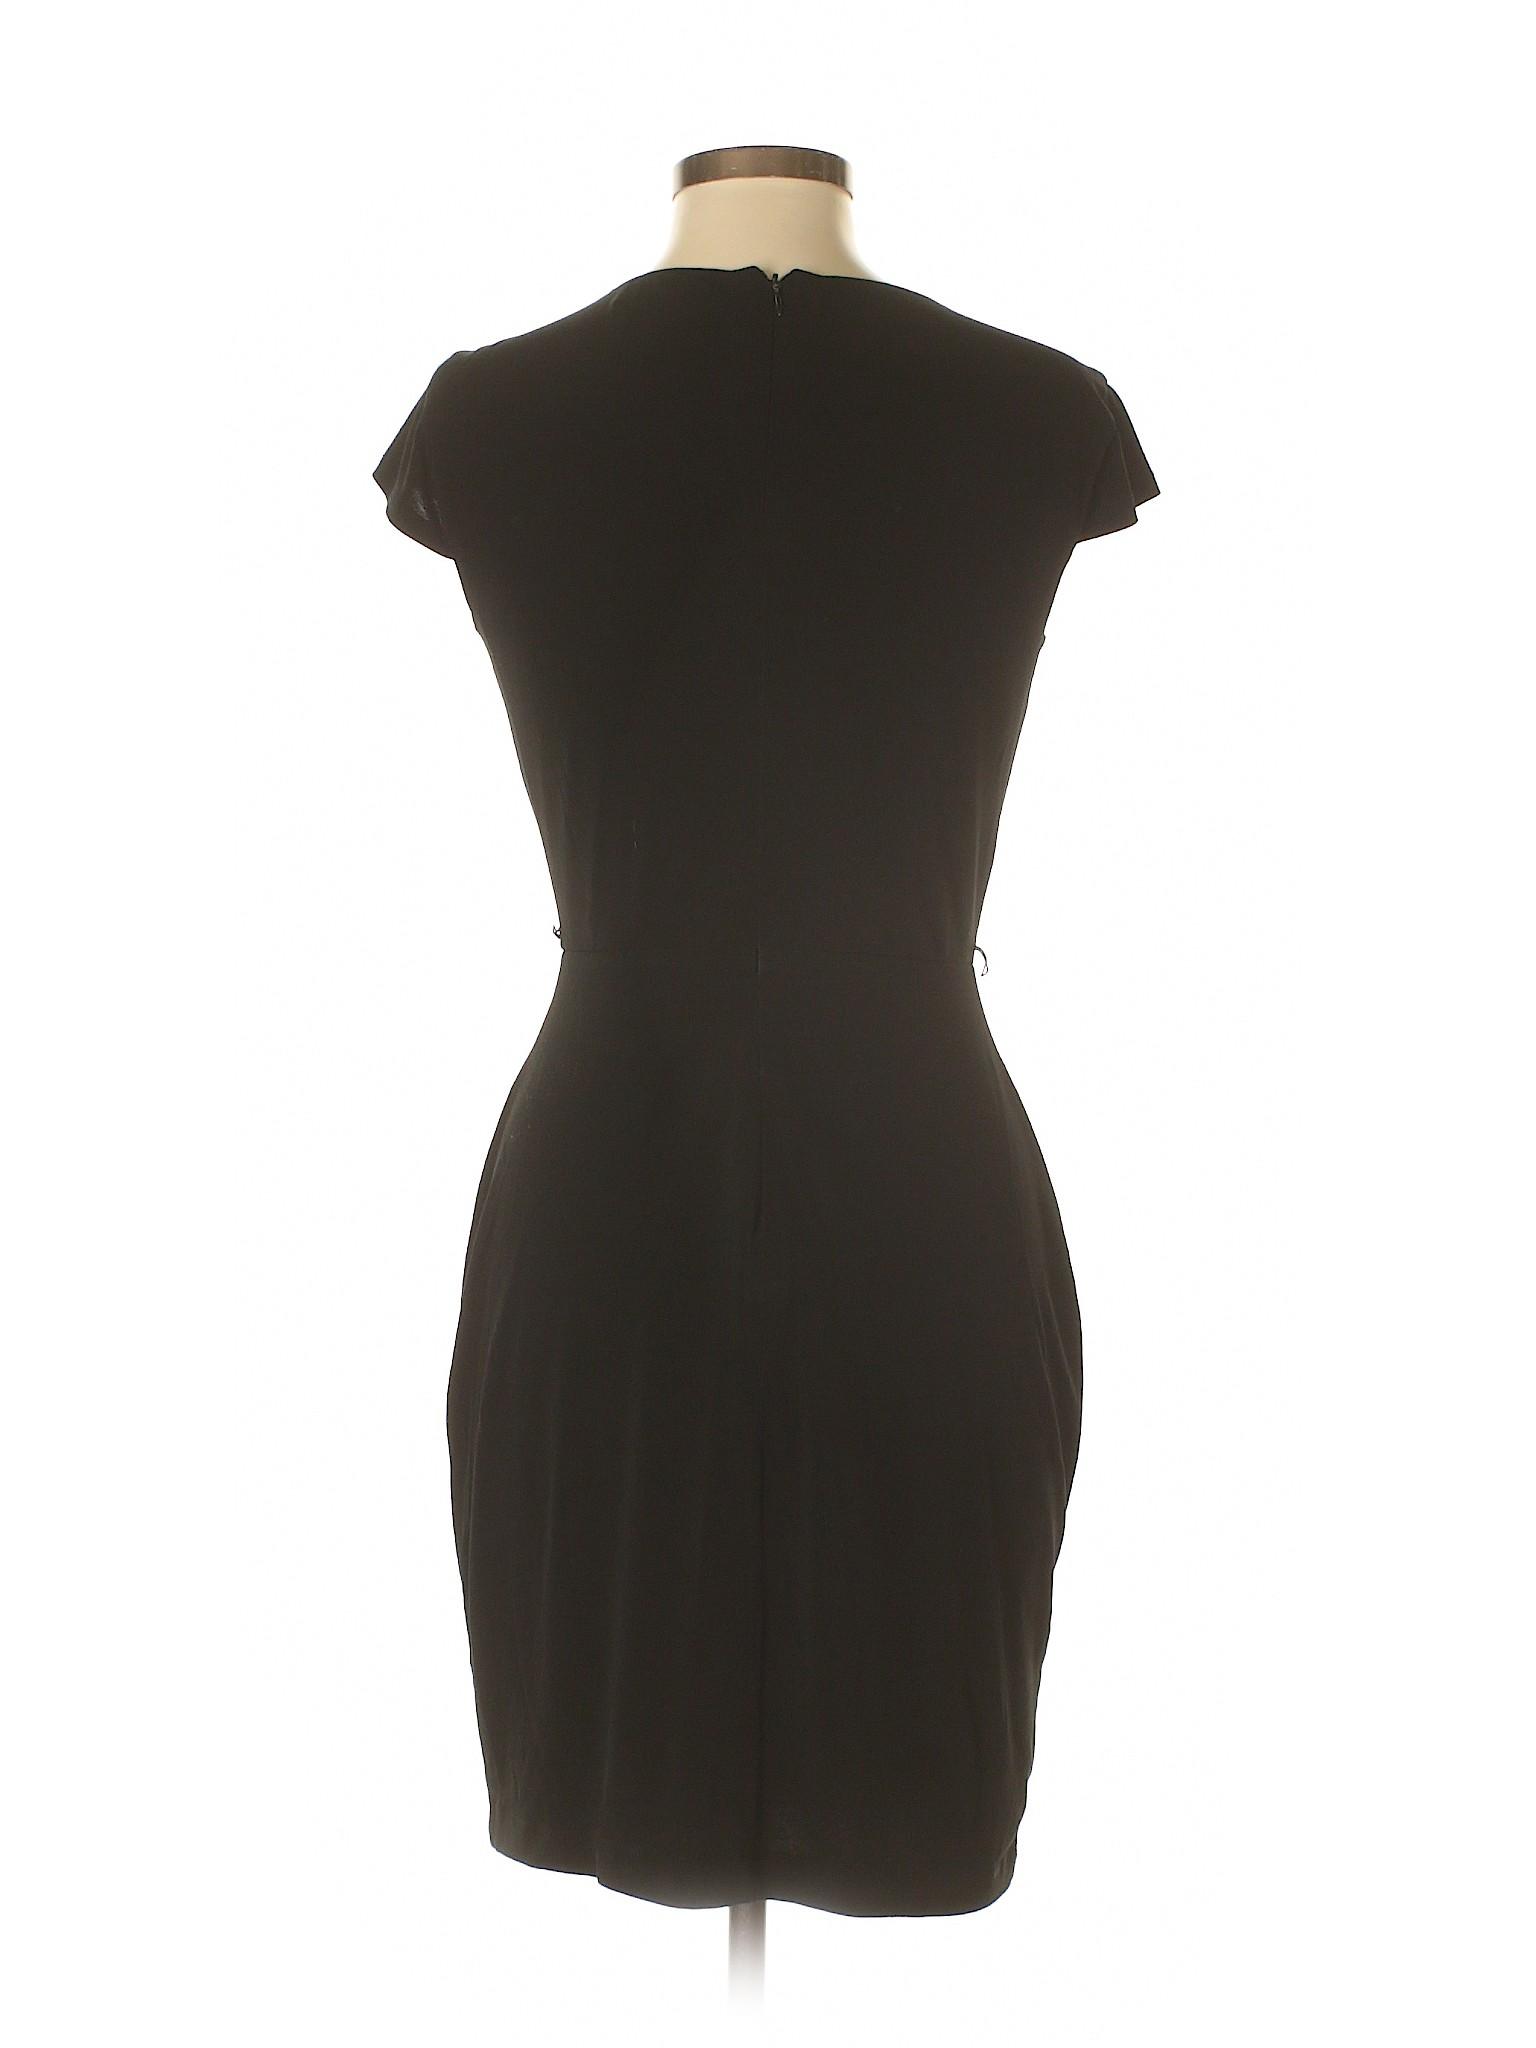 winter Dress Boutique Casual Calvin Klein Zfq0O